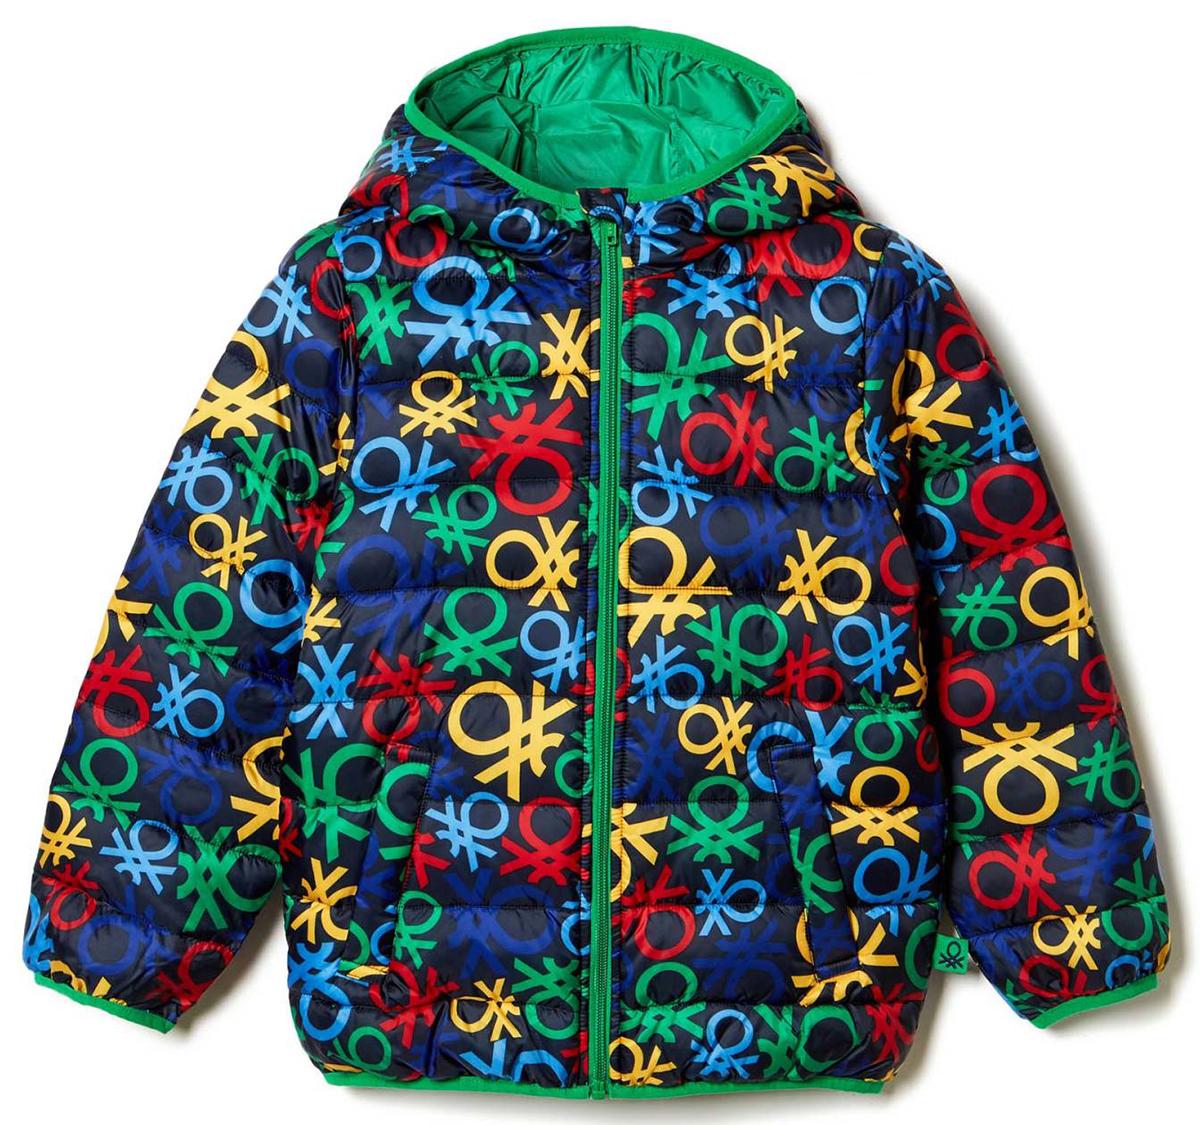 Куртка для мальчика United Colors of Benetton, цвет: синий. 2AQI53AD0_901. Размер 1202AQI53AD0_901Куртка для мальчика United Colors of Benetton выполнена из полиэстера. Модель с капюшоном и длинными рукавами застегивается на застежку-молнию.